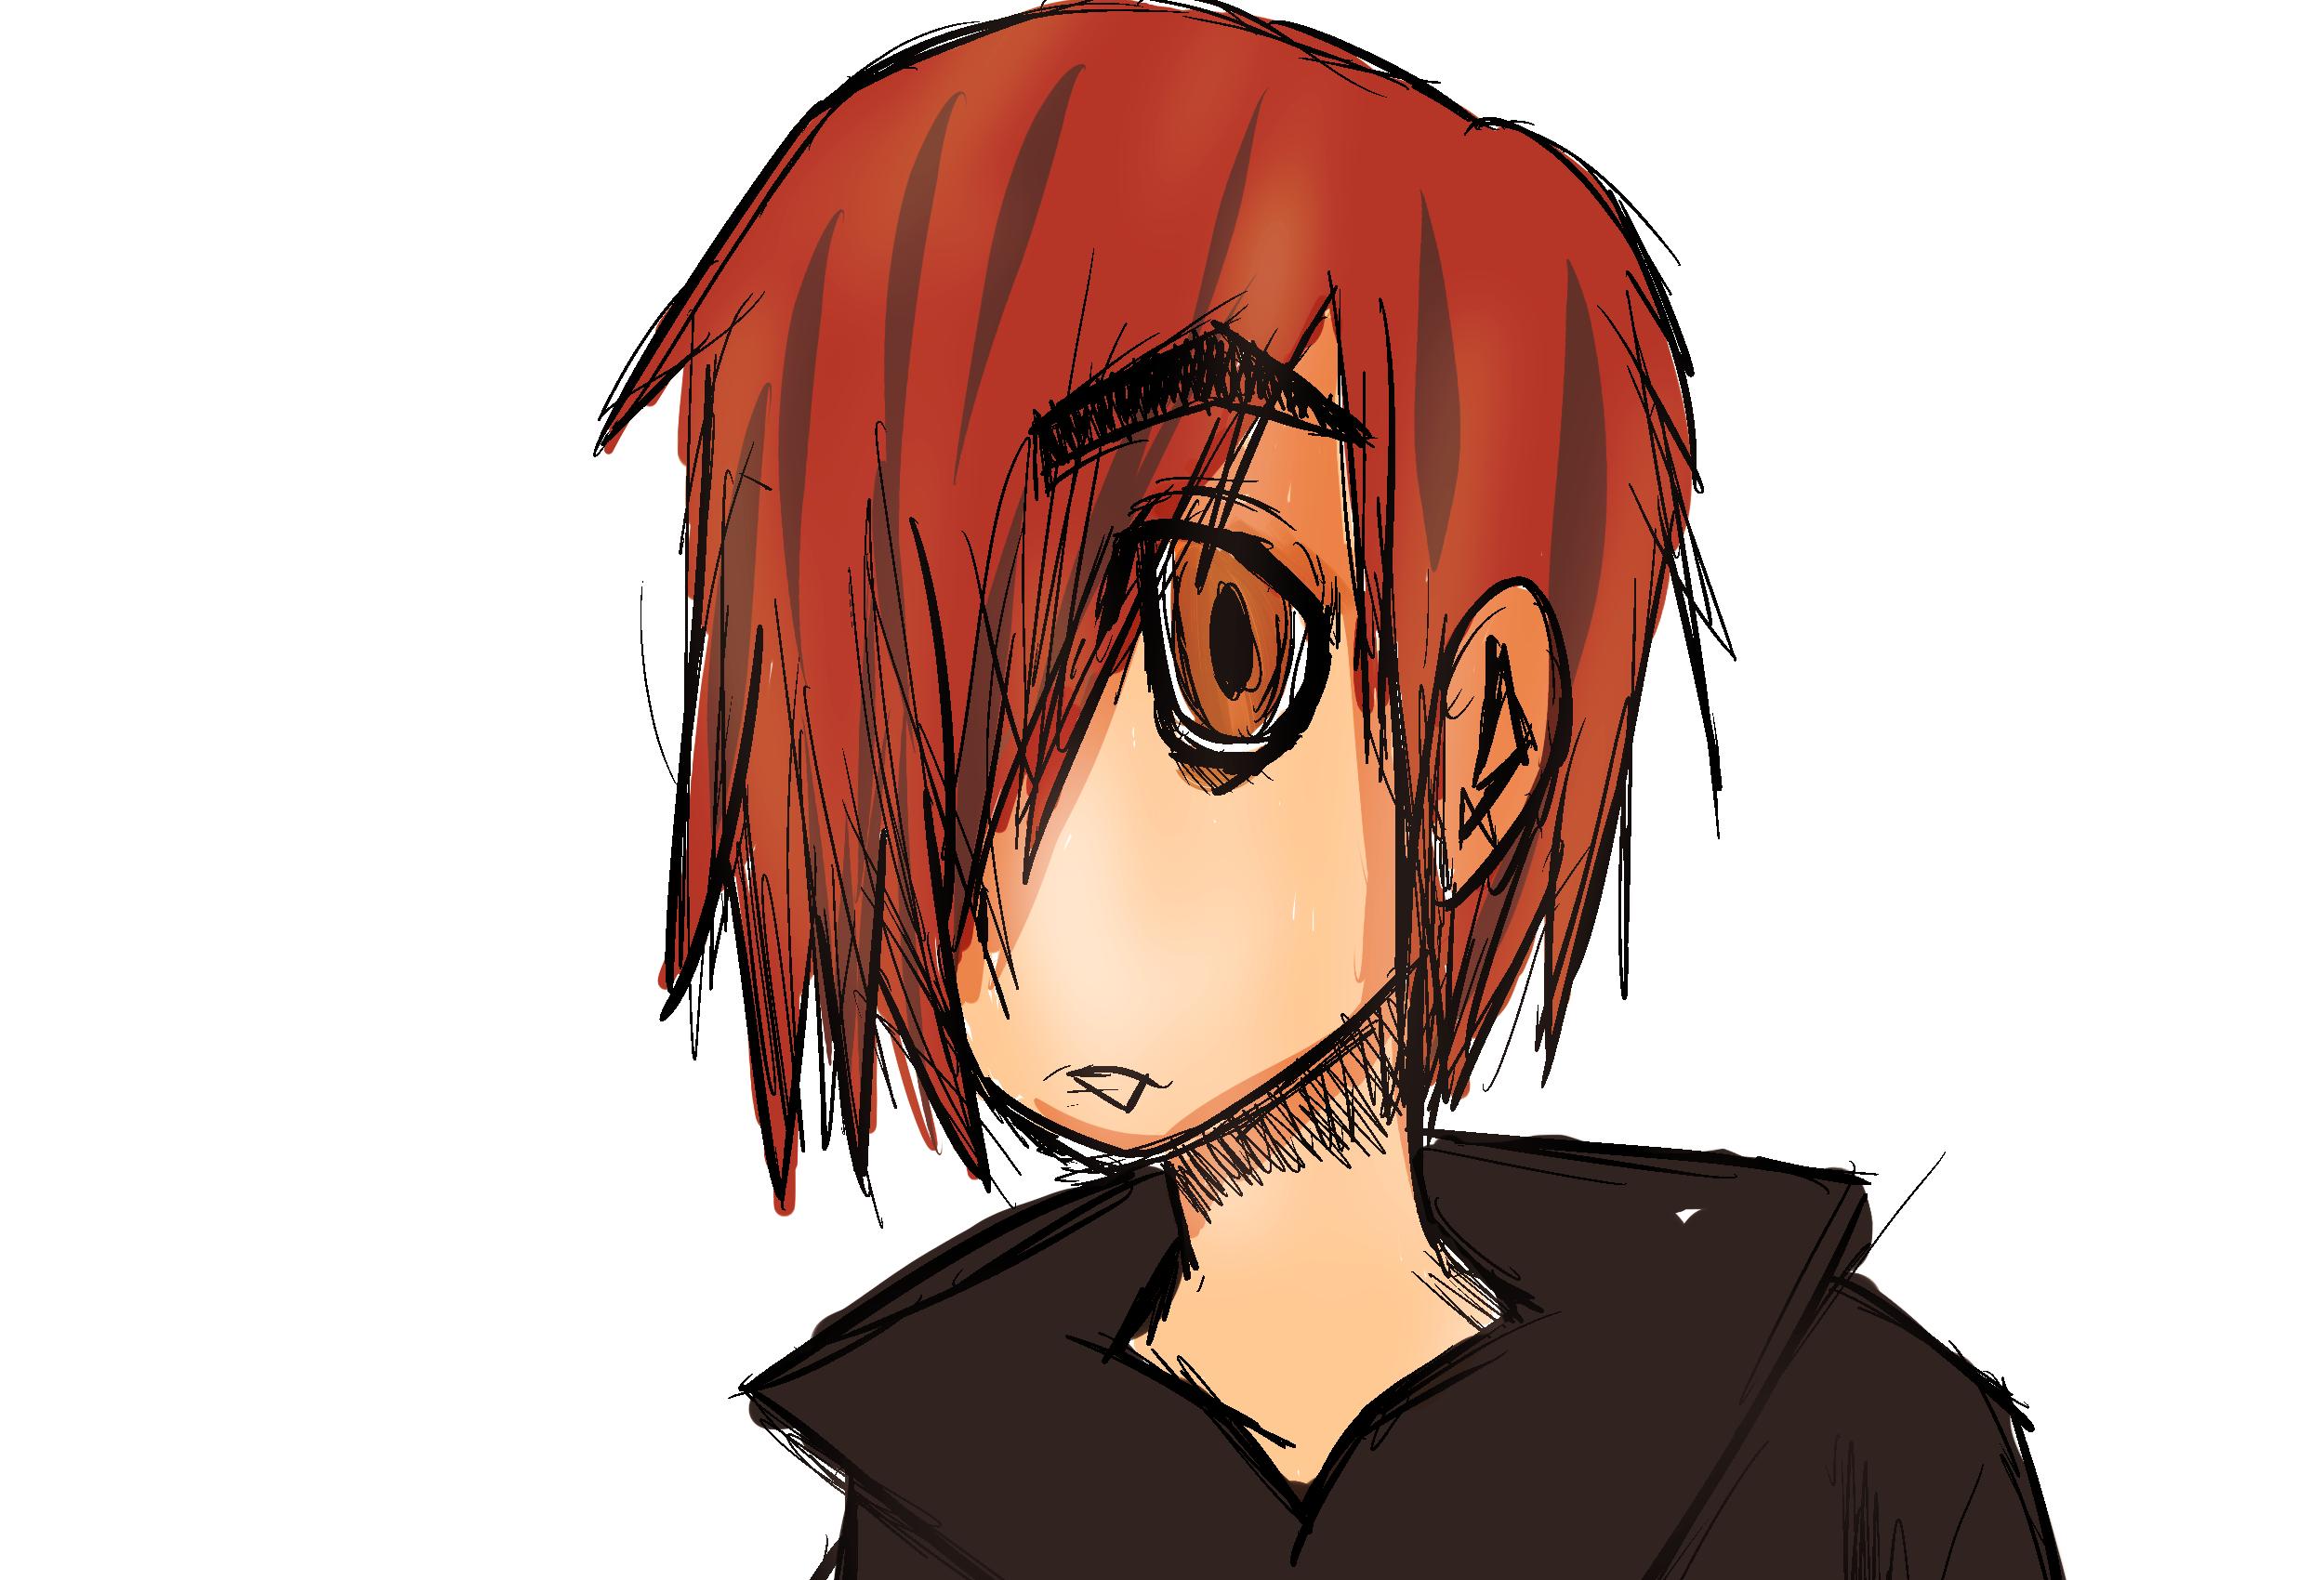 Red headed boy